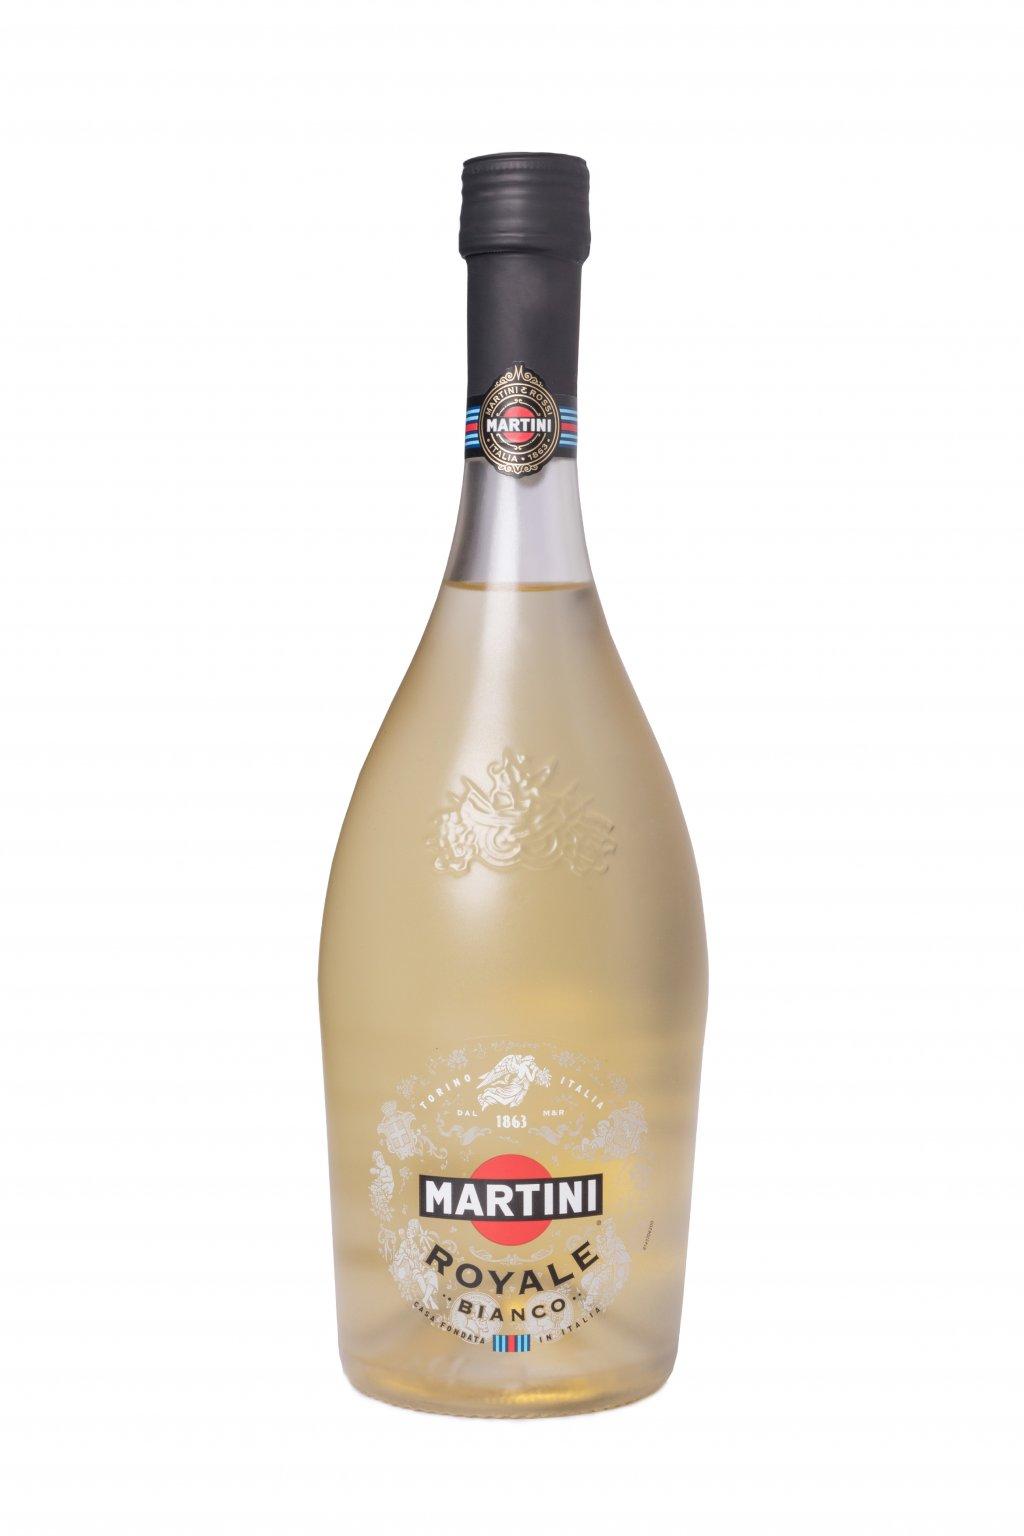 MARTINI ROYALE BIANCO 0.75L 8%